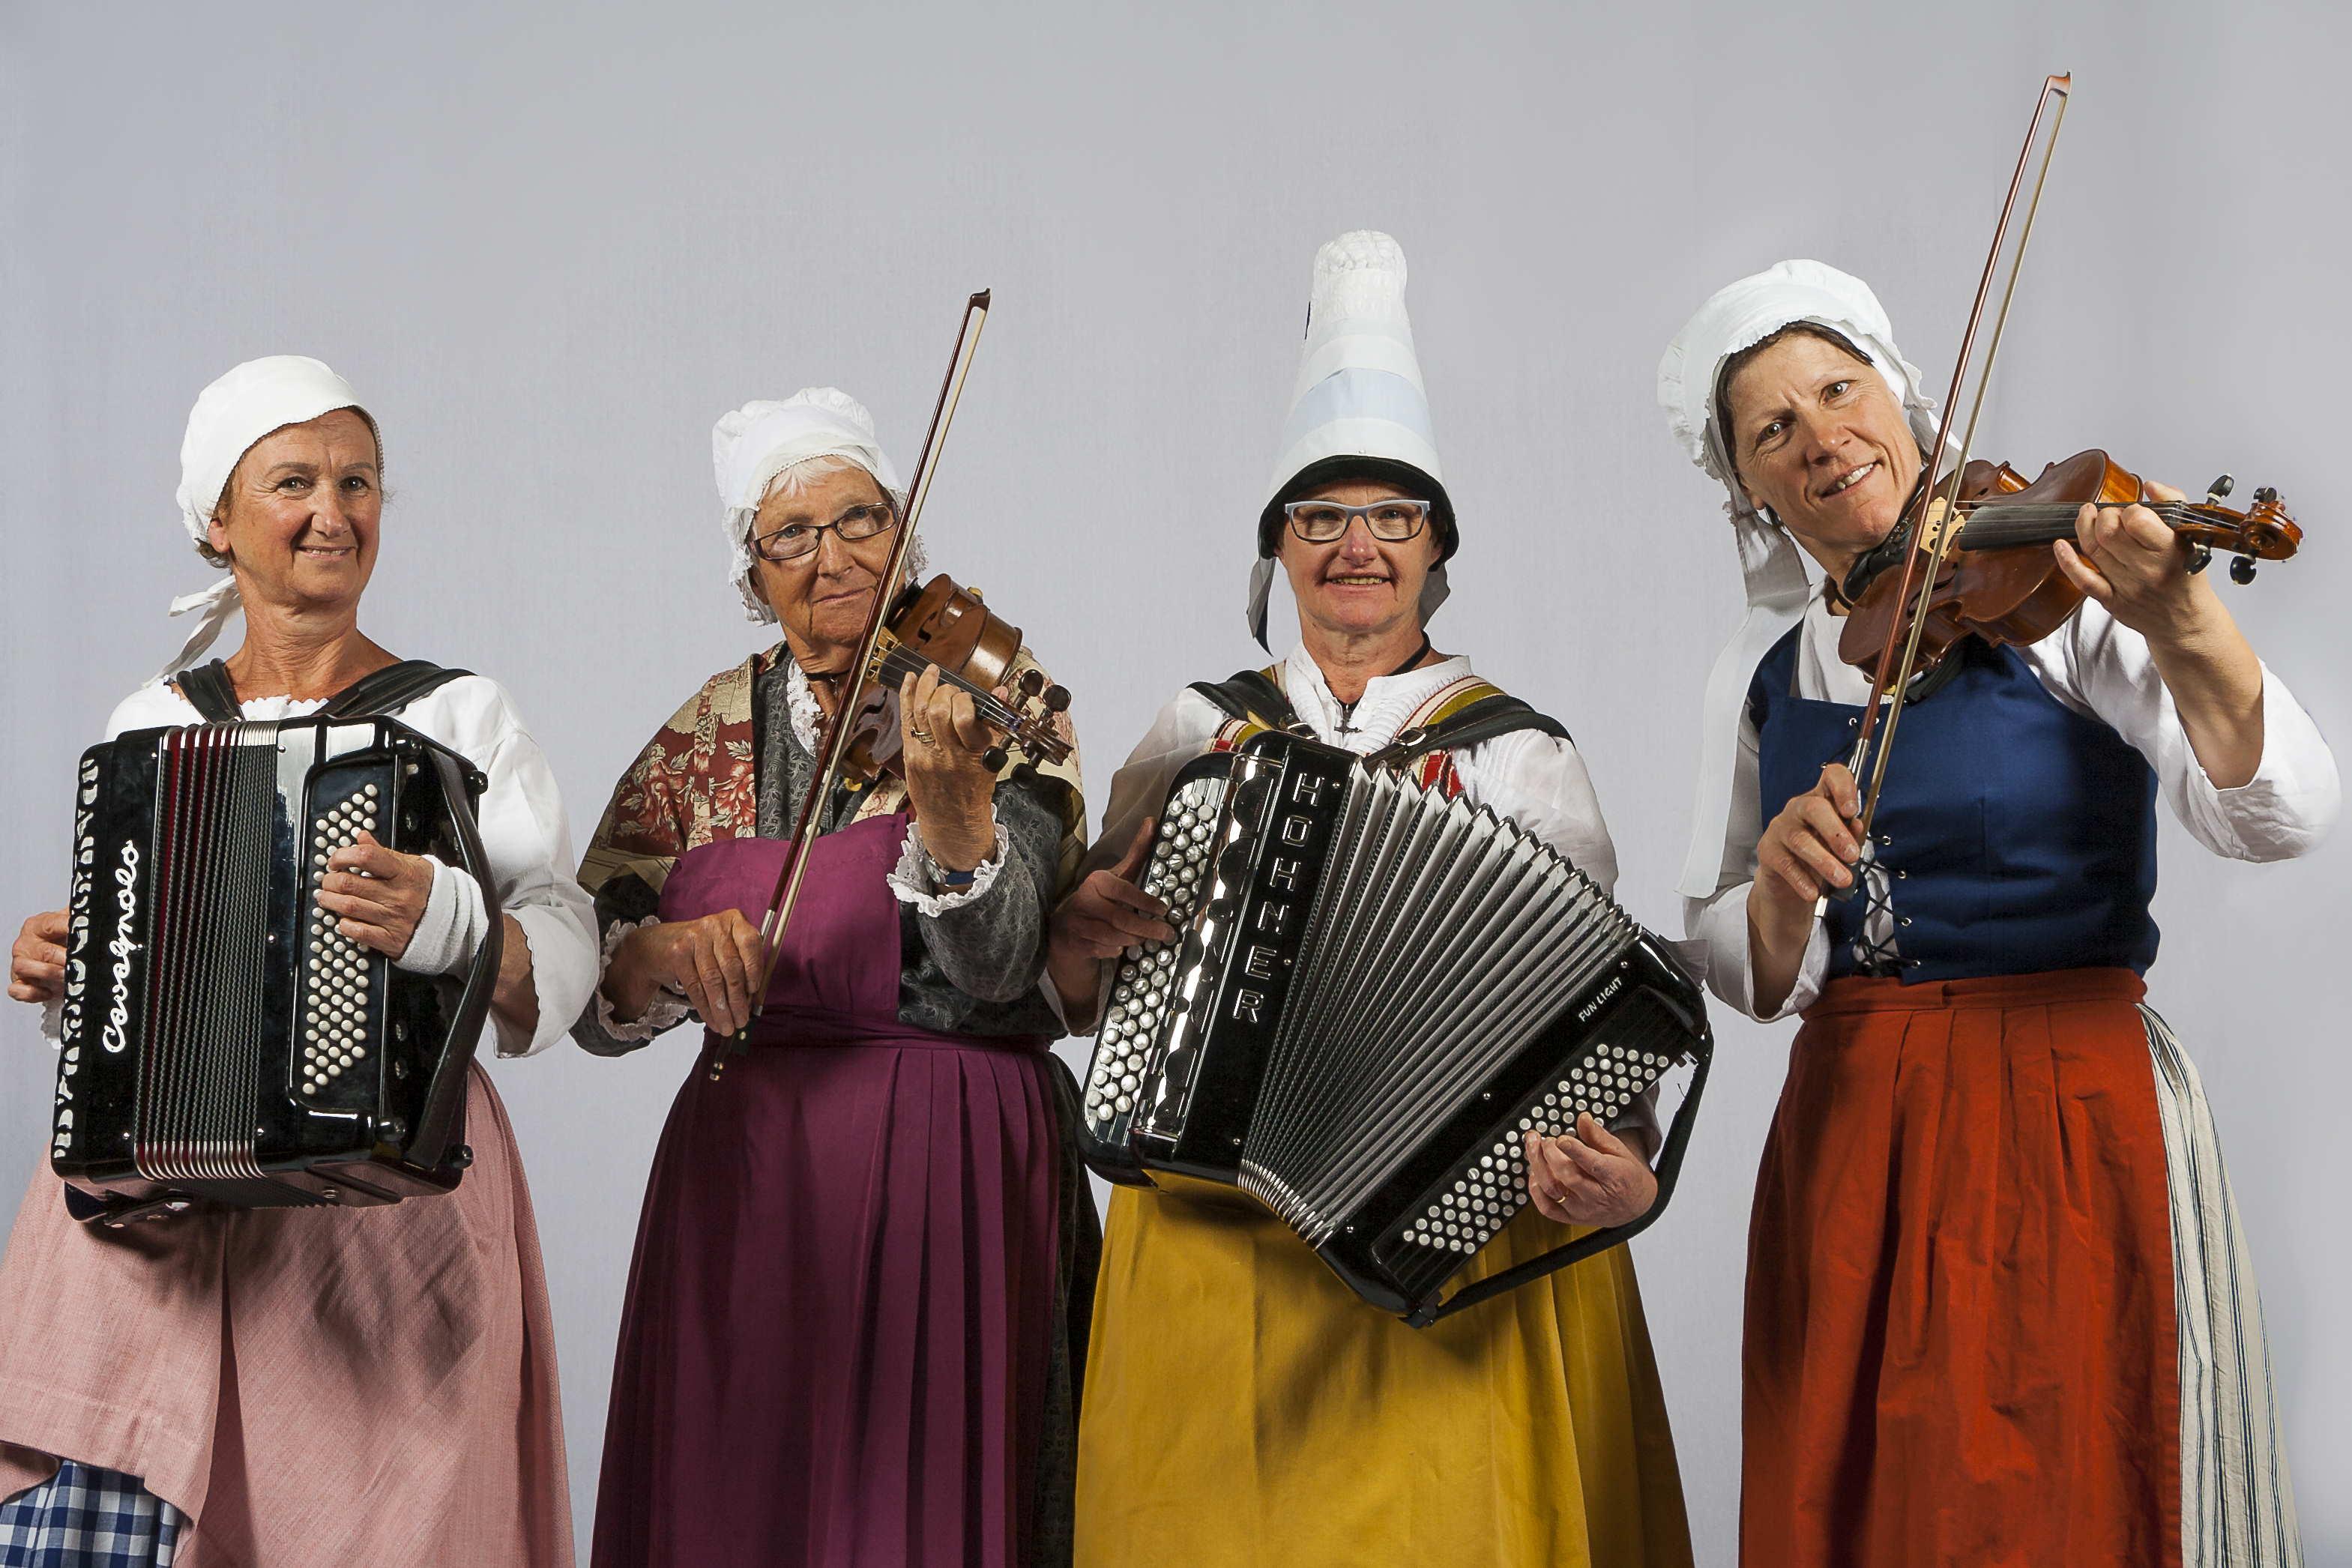 Le Trou Normand Portrait Musiciennes